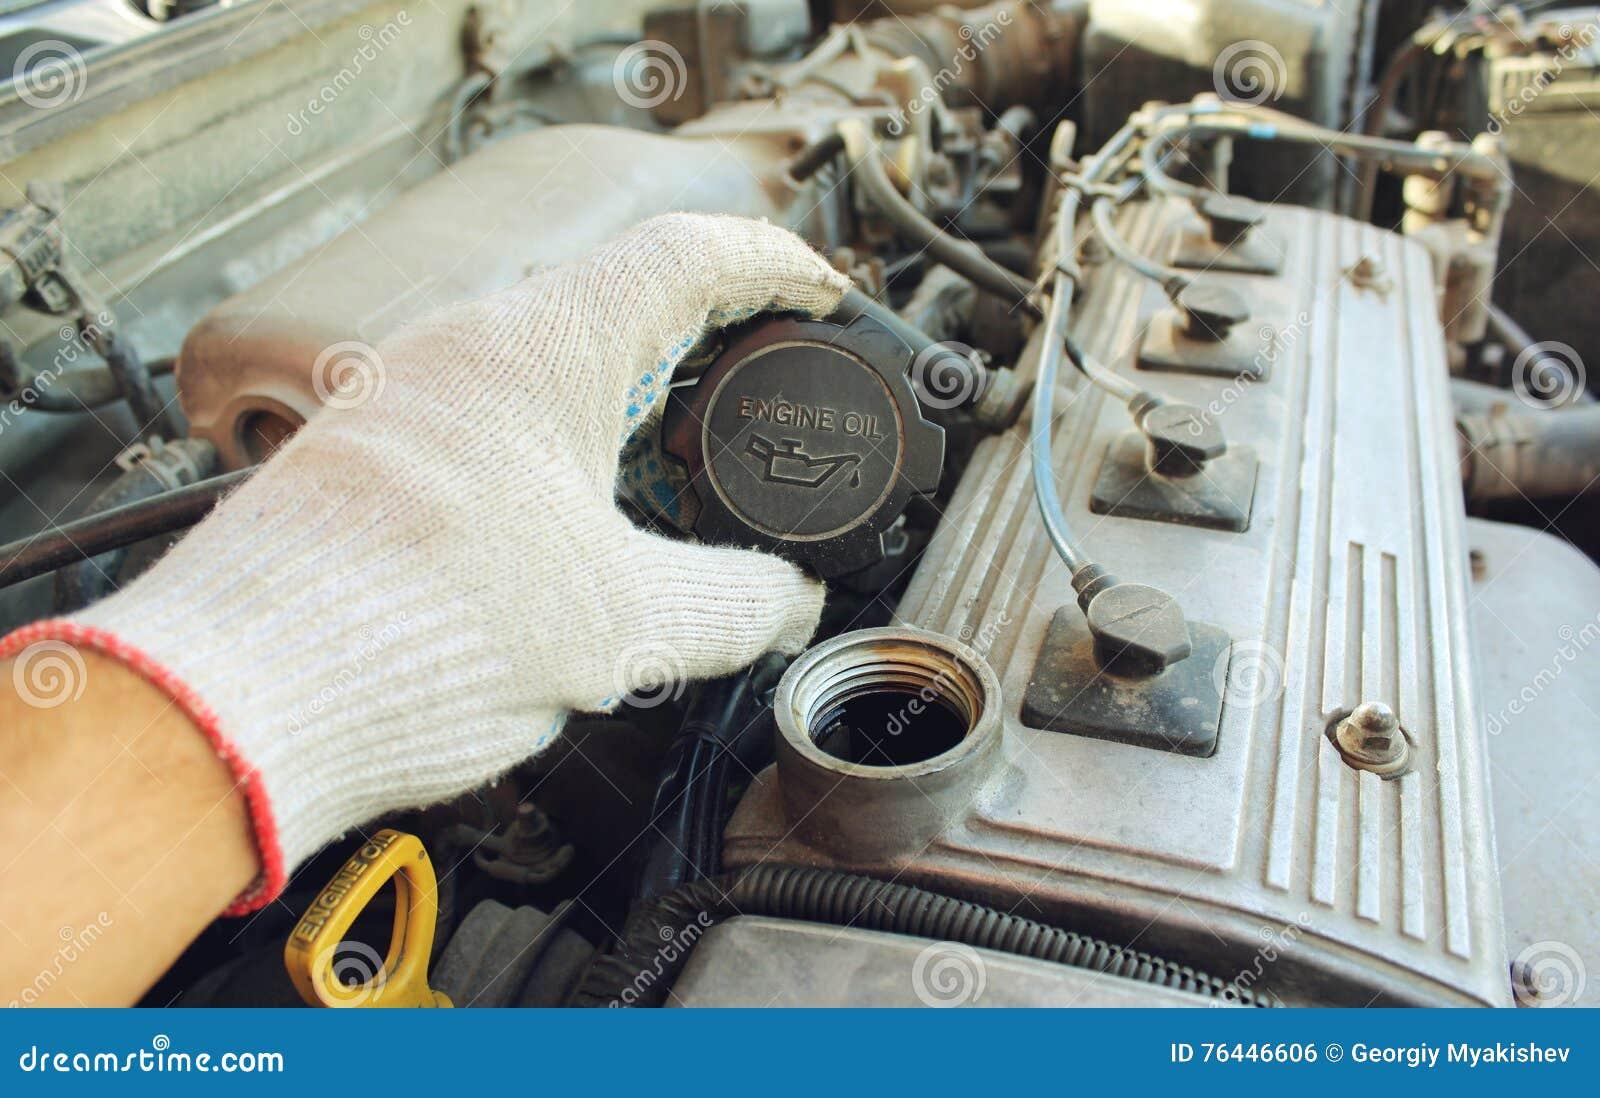 De de vullerhals van de dekkingsolie van de auto